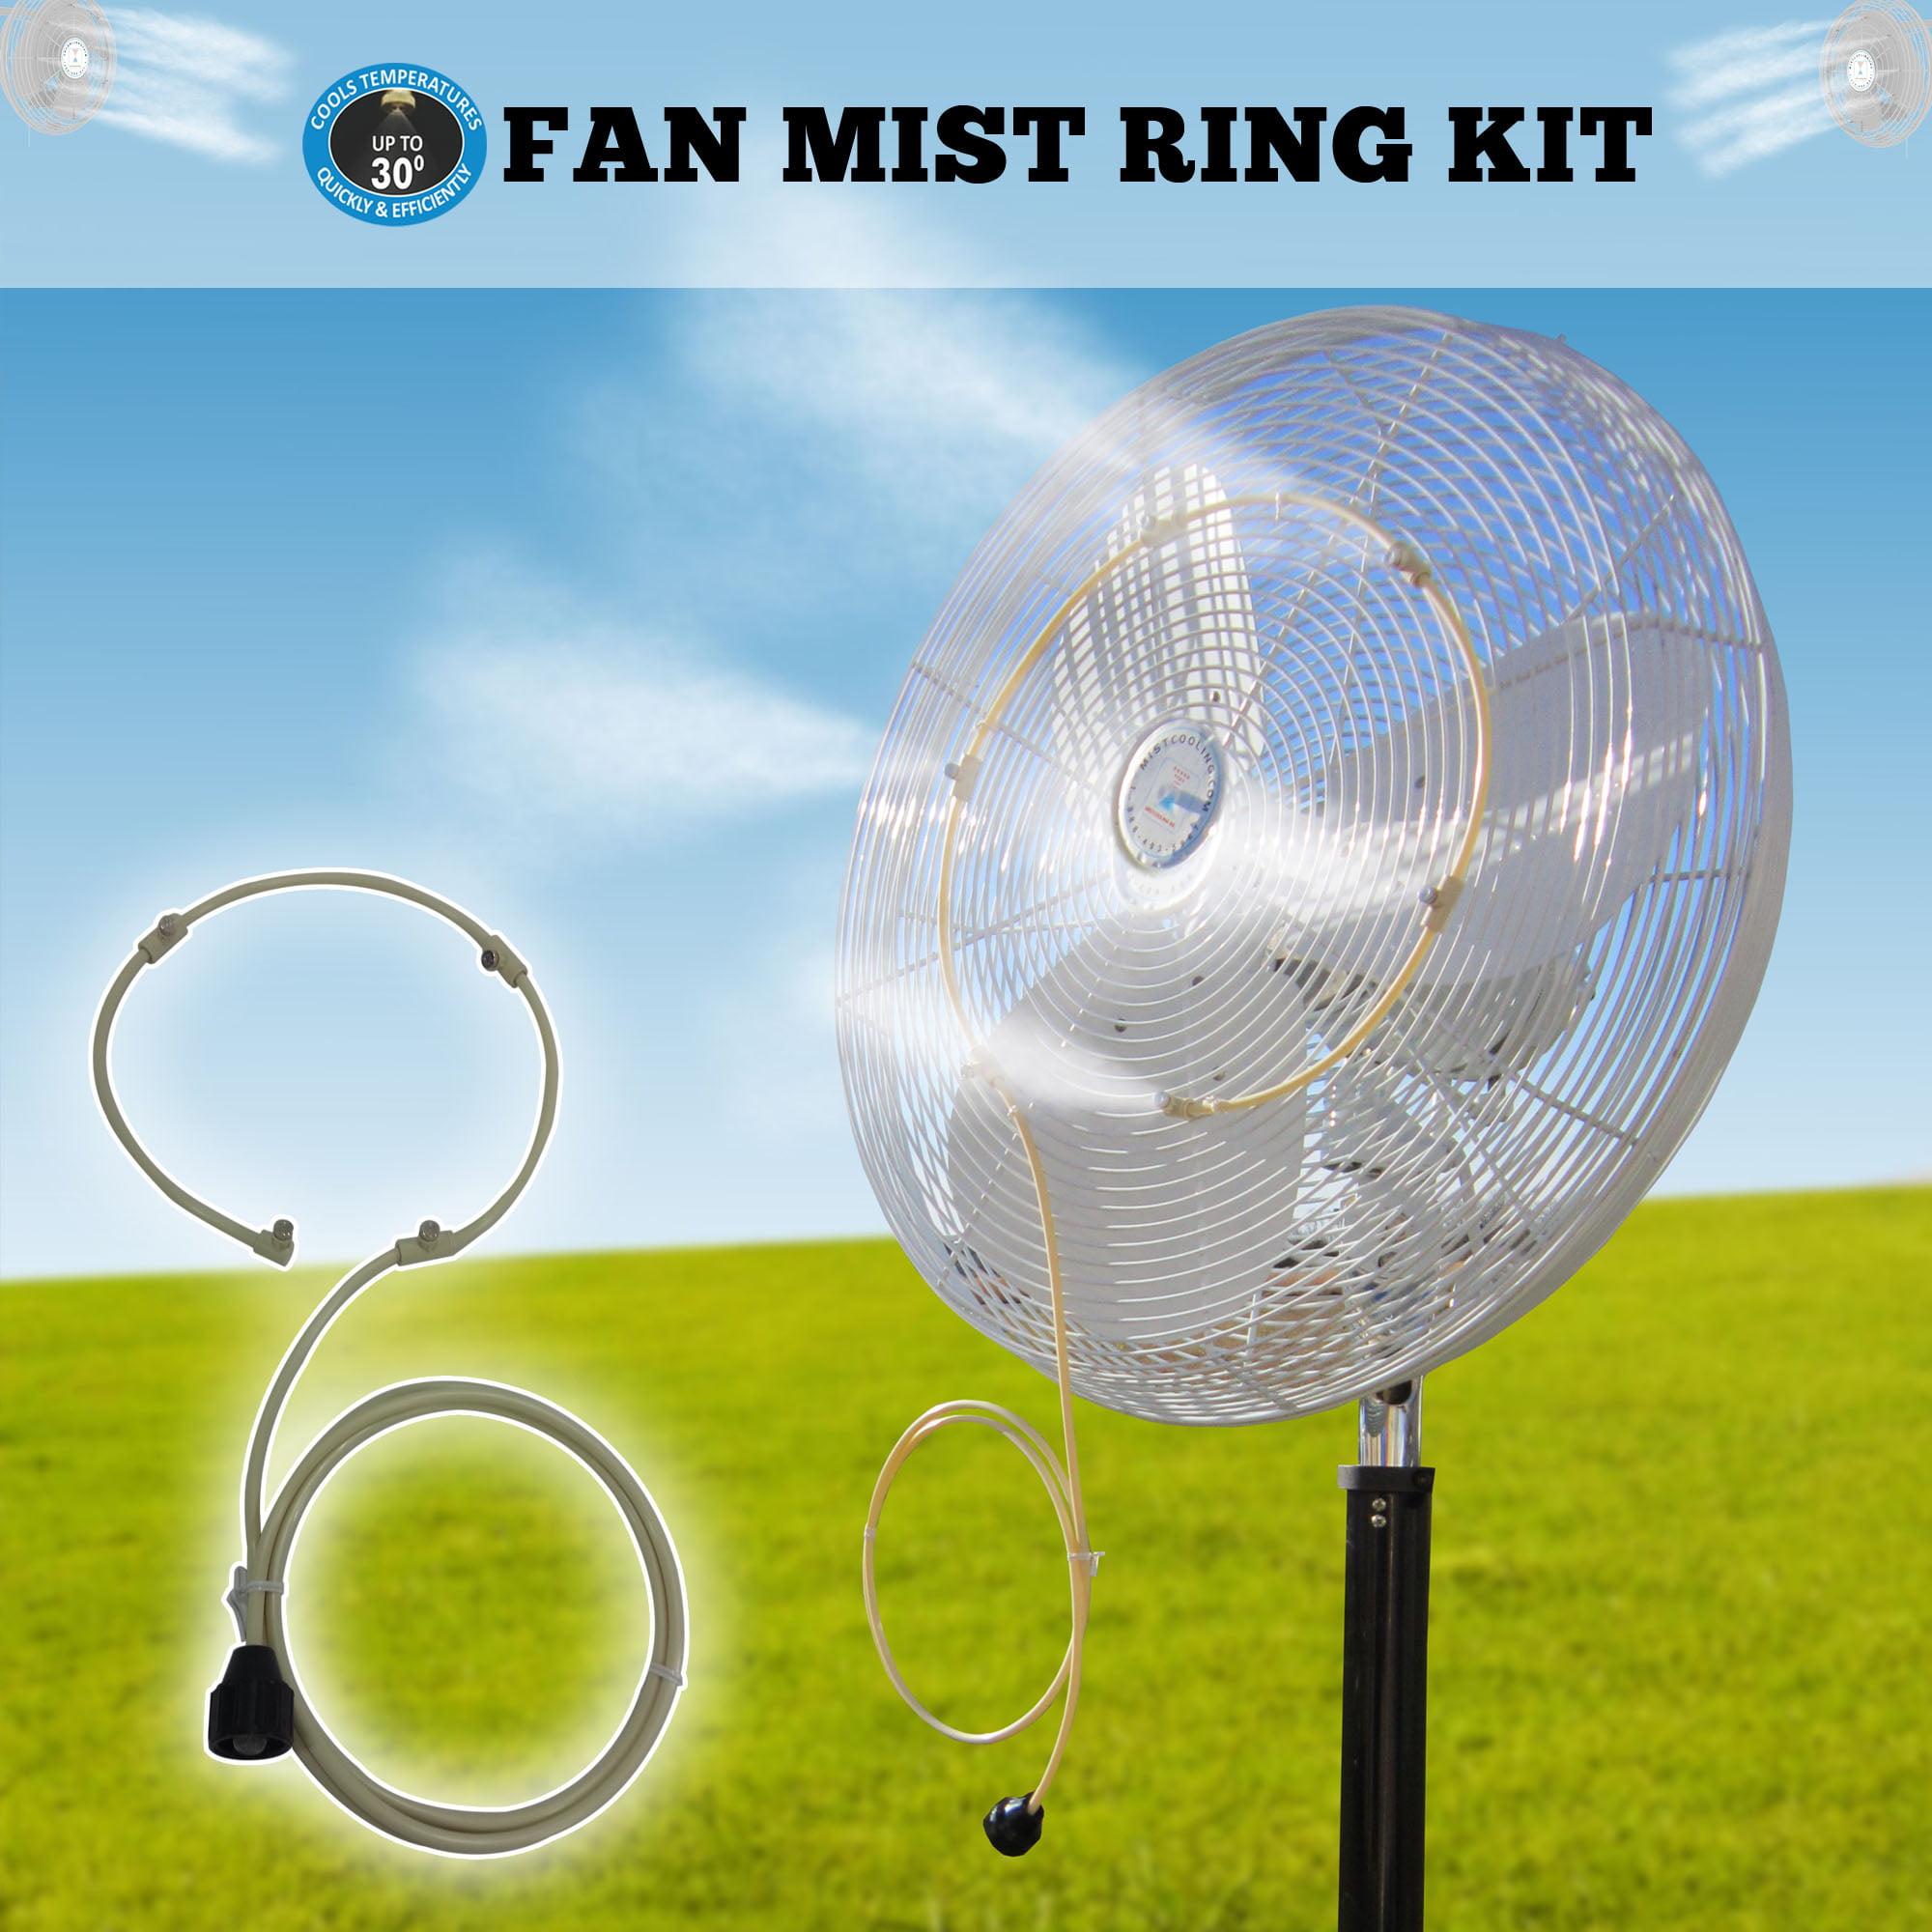 Misting Fan Kit for low pressure fan misting